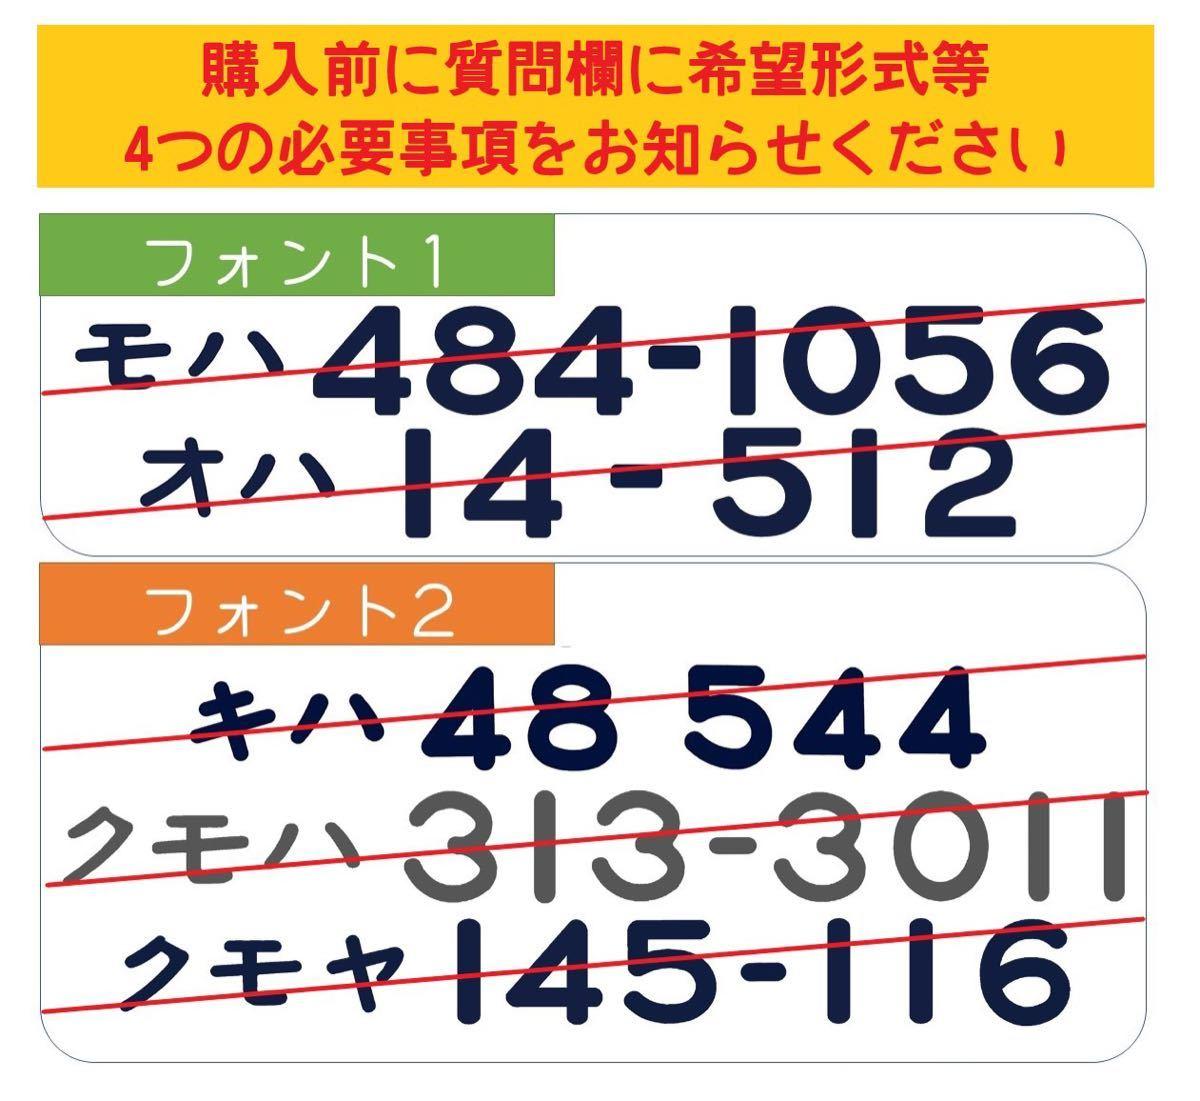 国鉄・JR車両車内形式プレート 受注生産フォーム【残29本】 1本2300円から